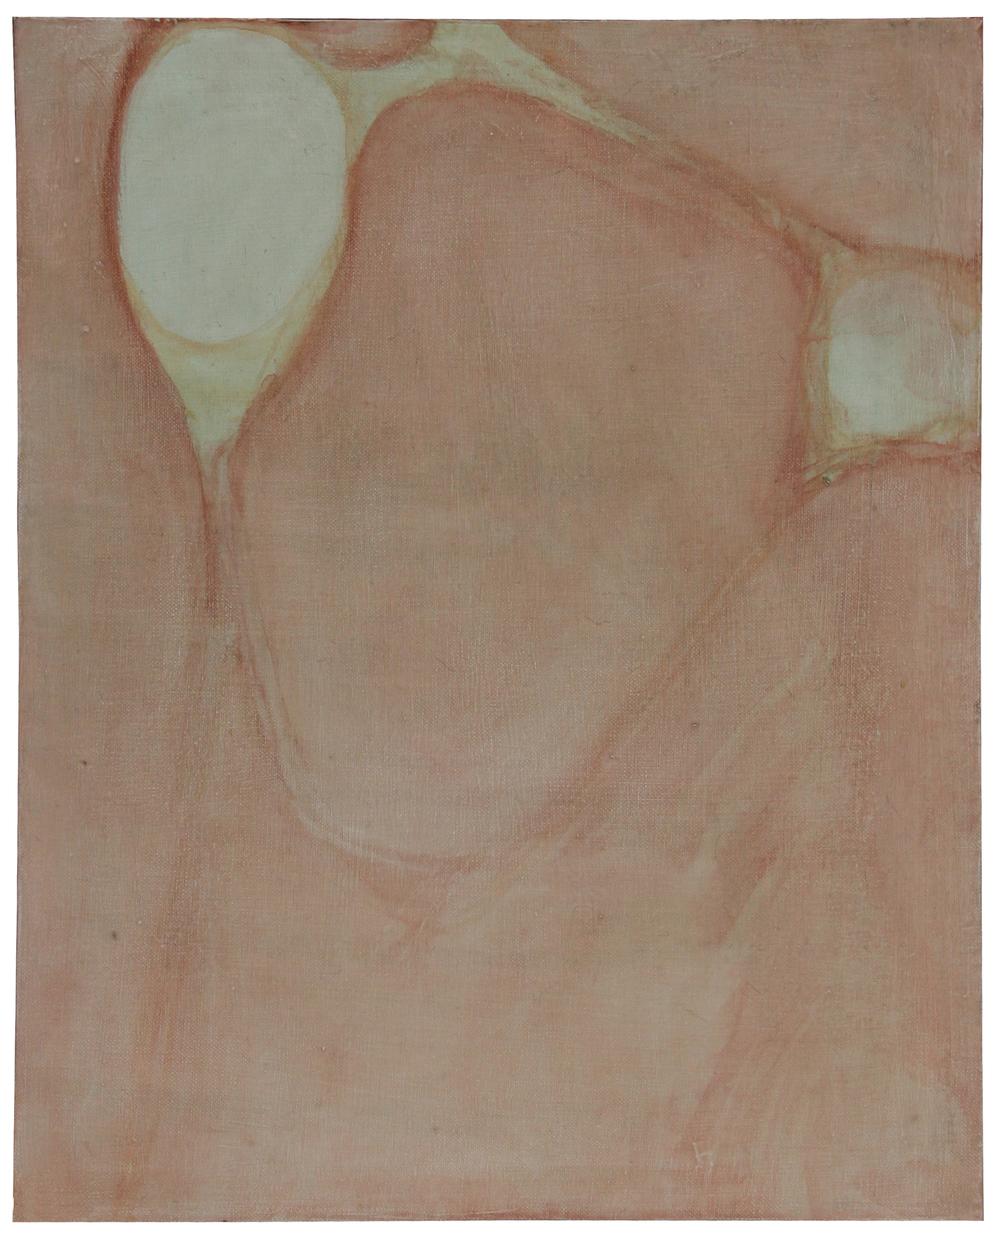 acrylic on canvas / spring 2007